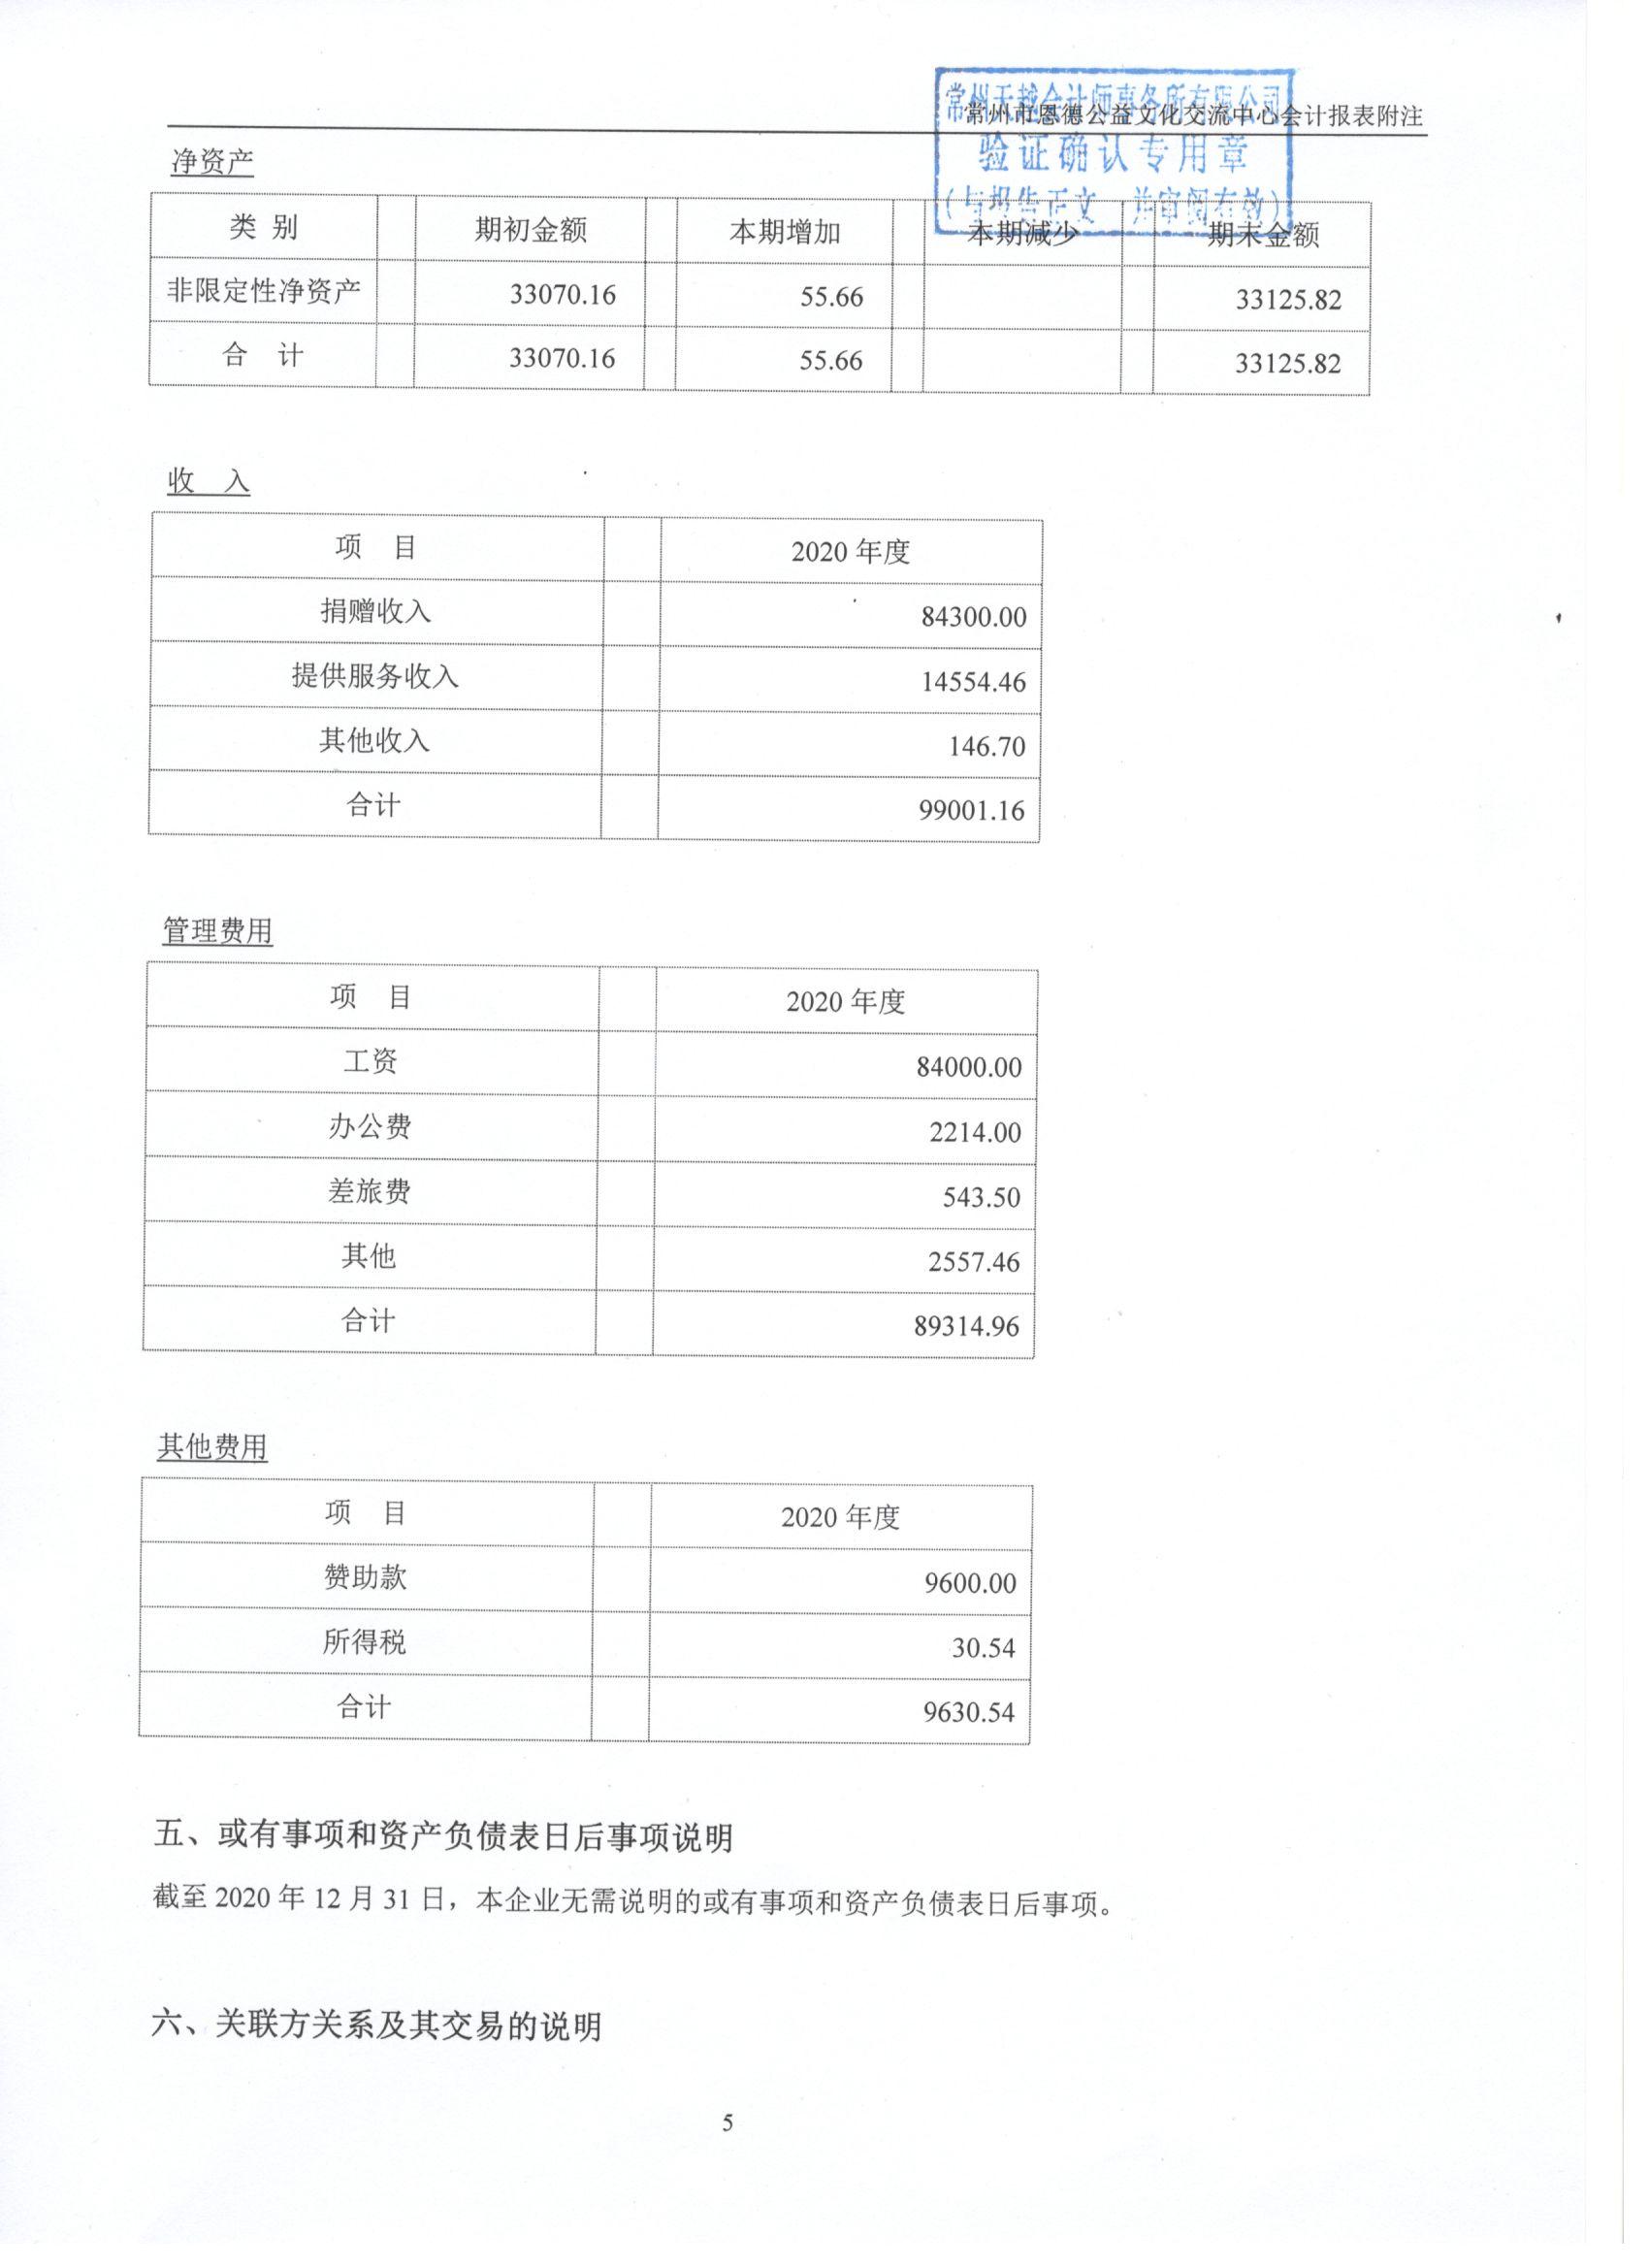 2020年财务审计报告11